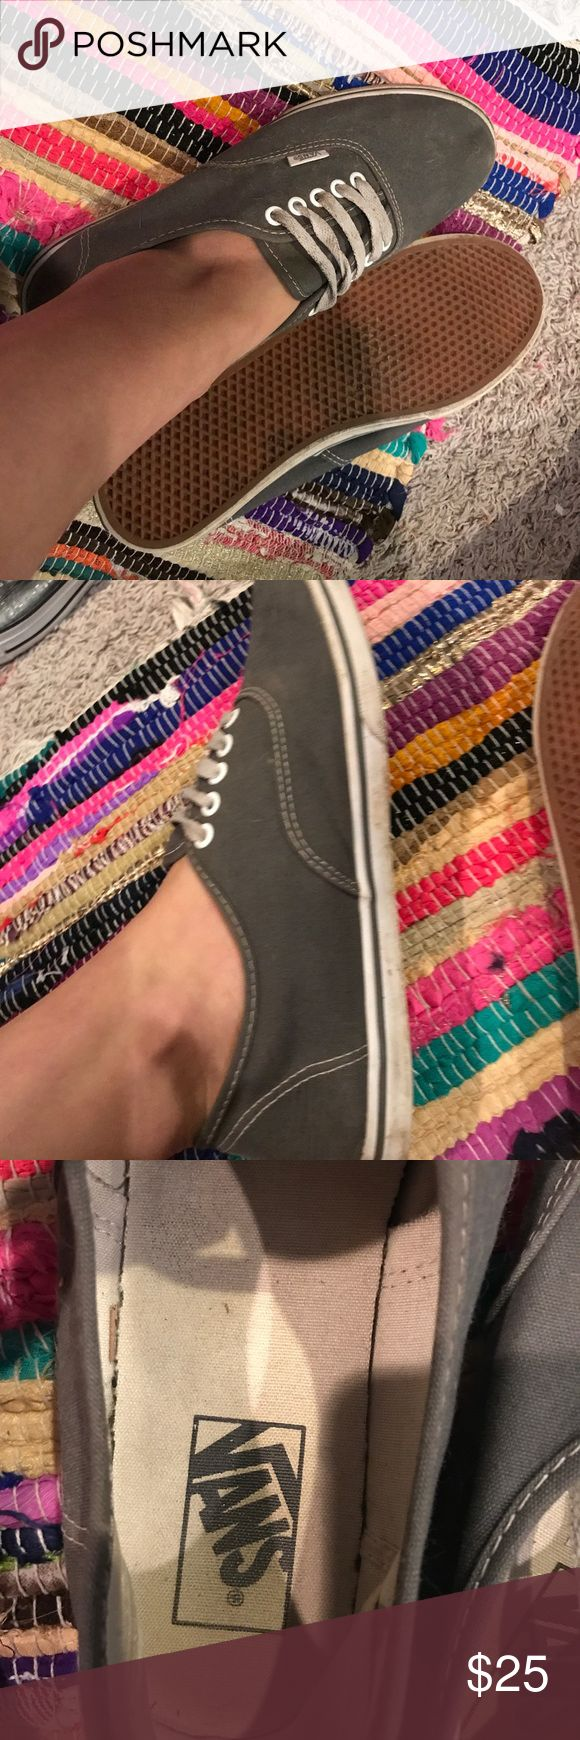 Vans ladies shoes grey Vans ladies shoes size 9 Vans Shoes Sneakers